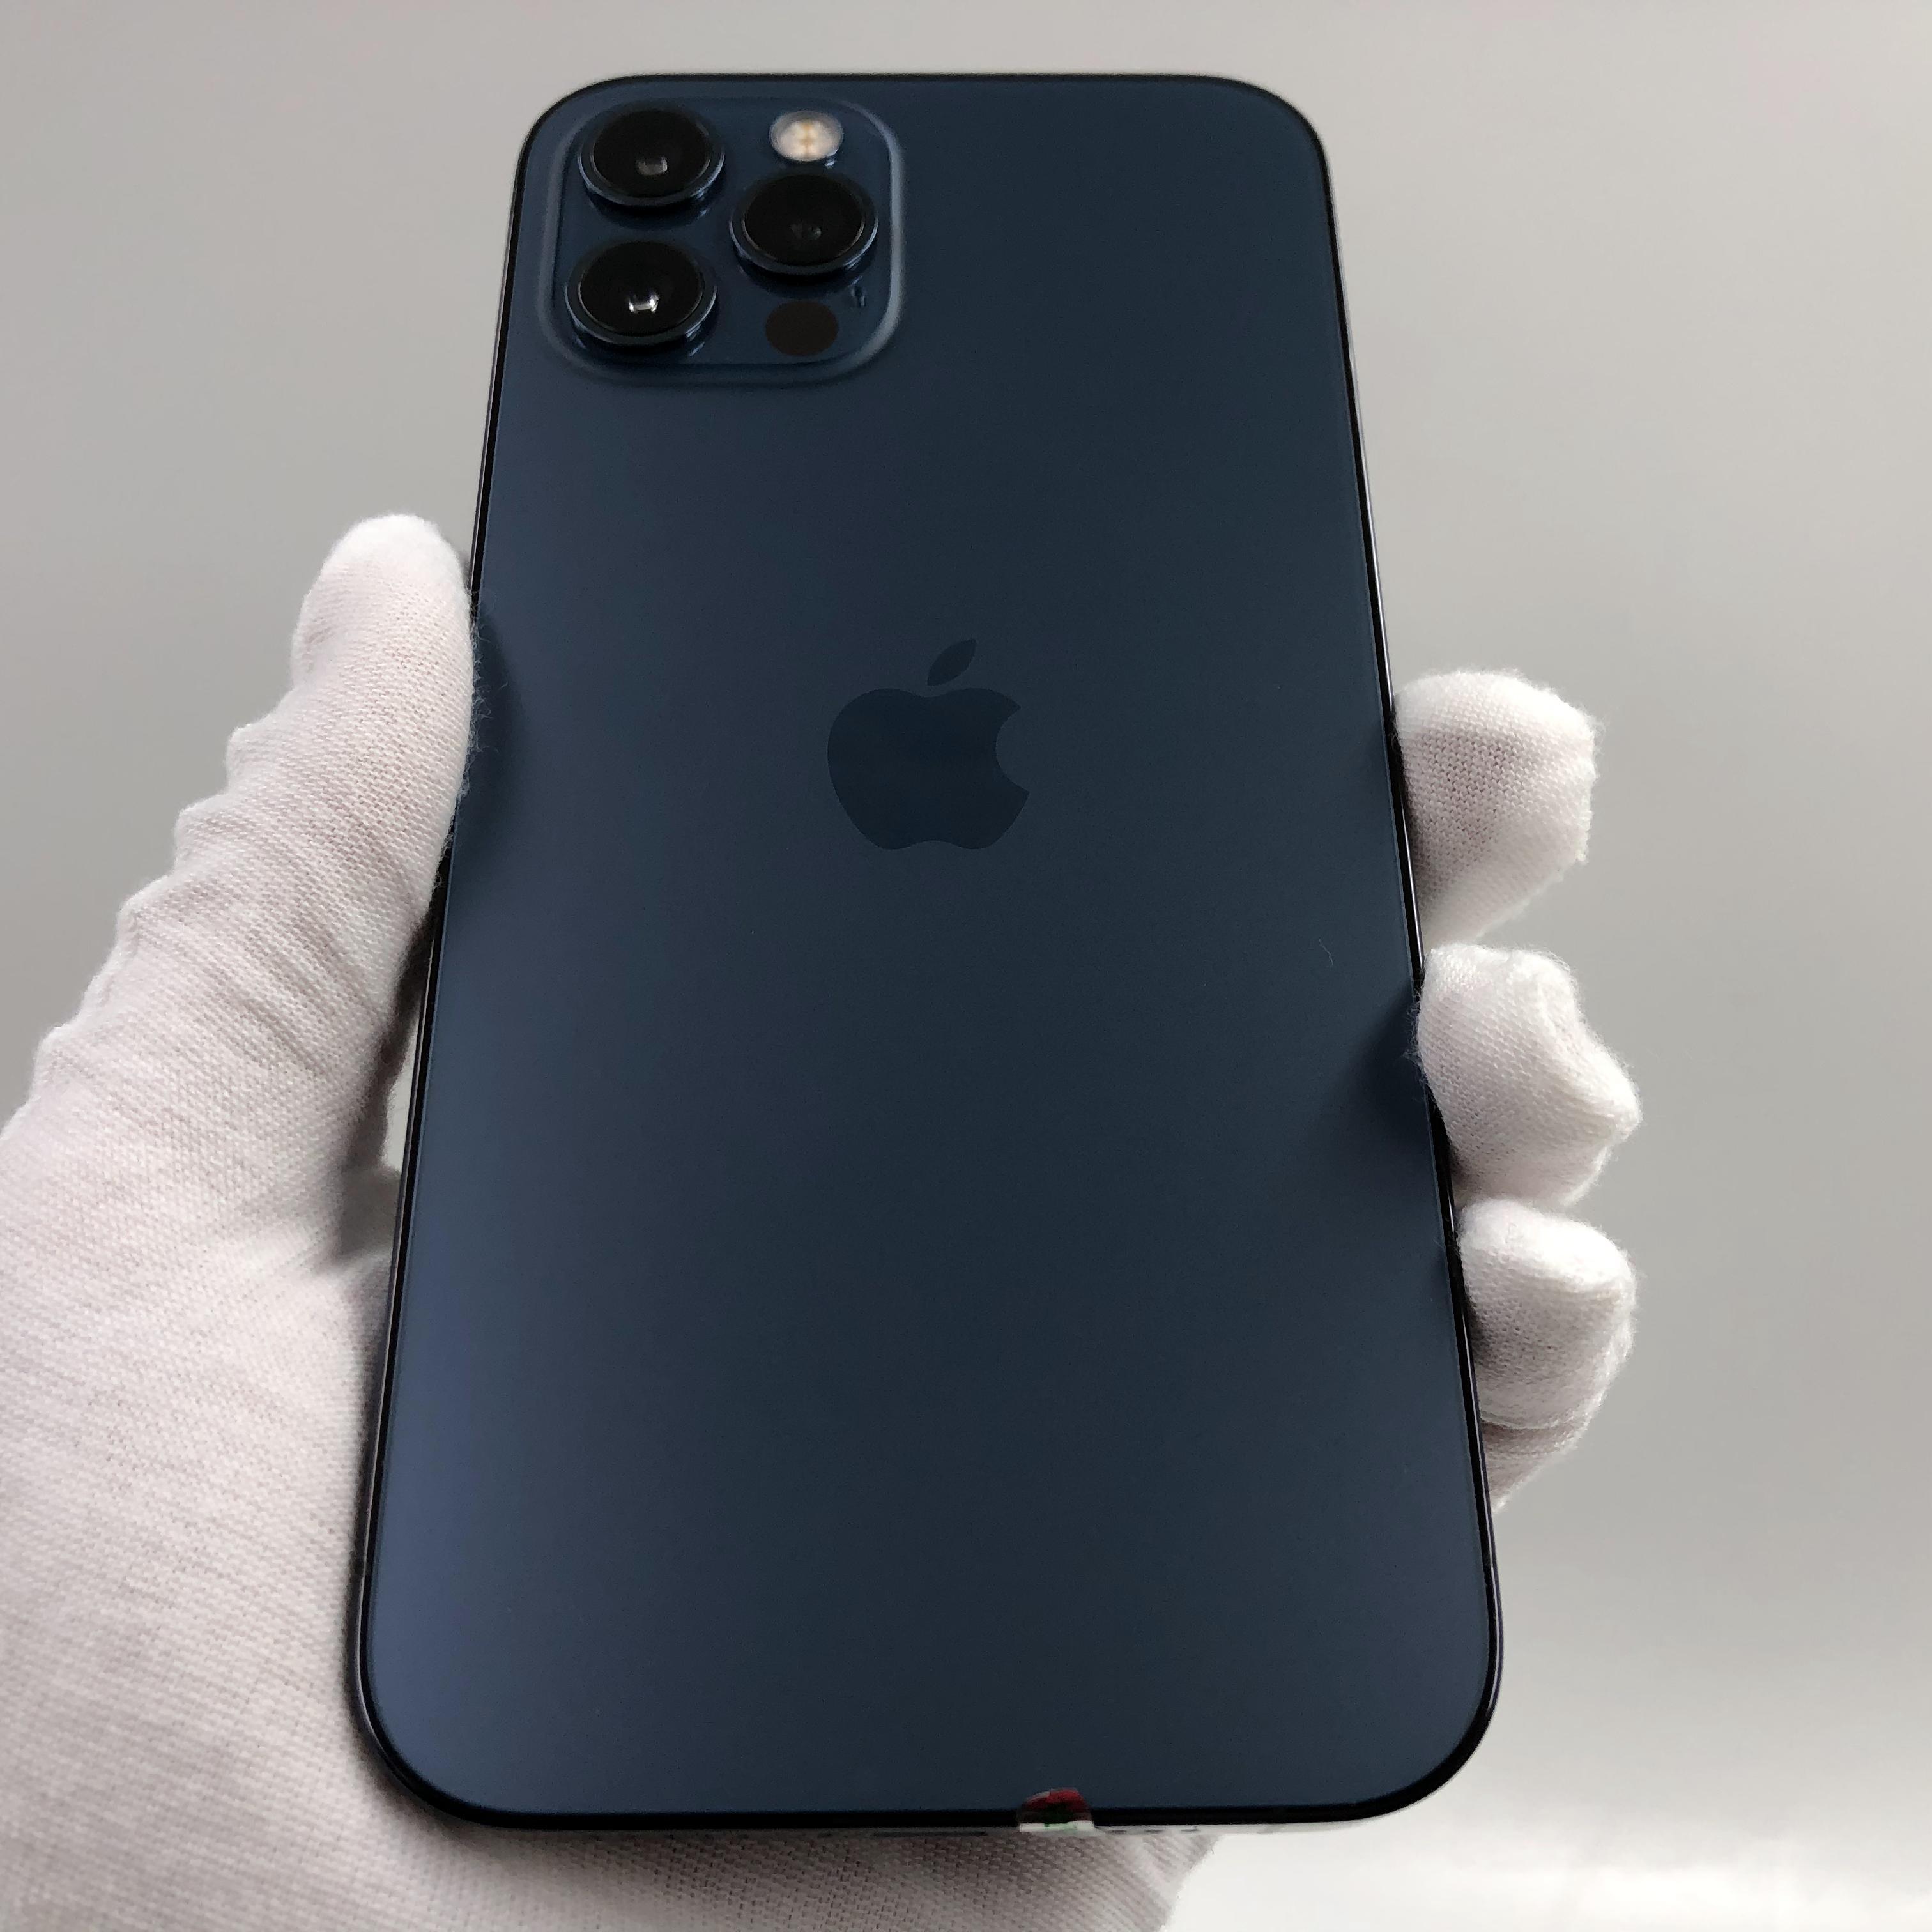 苹果【iPhone 12 Pro】5G全网通 海蓝色 128G 国行 99新 真机实拍官保2022-03-05